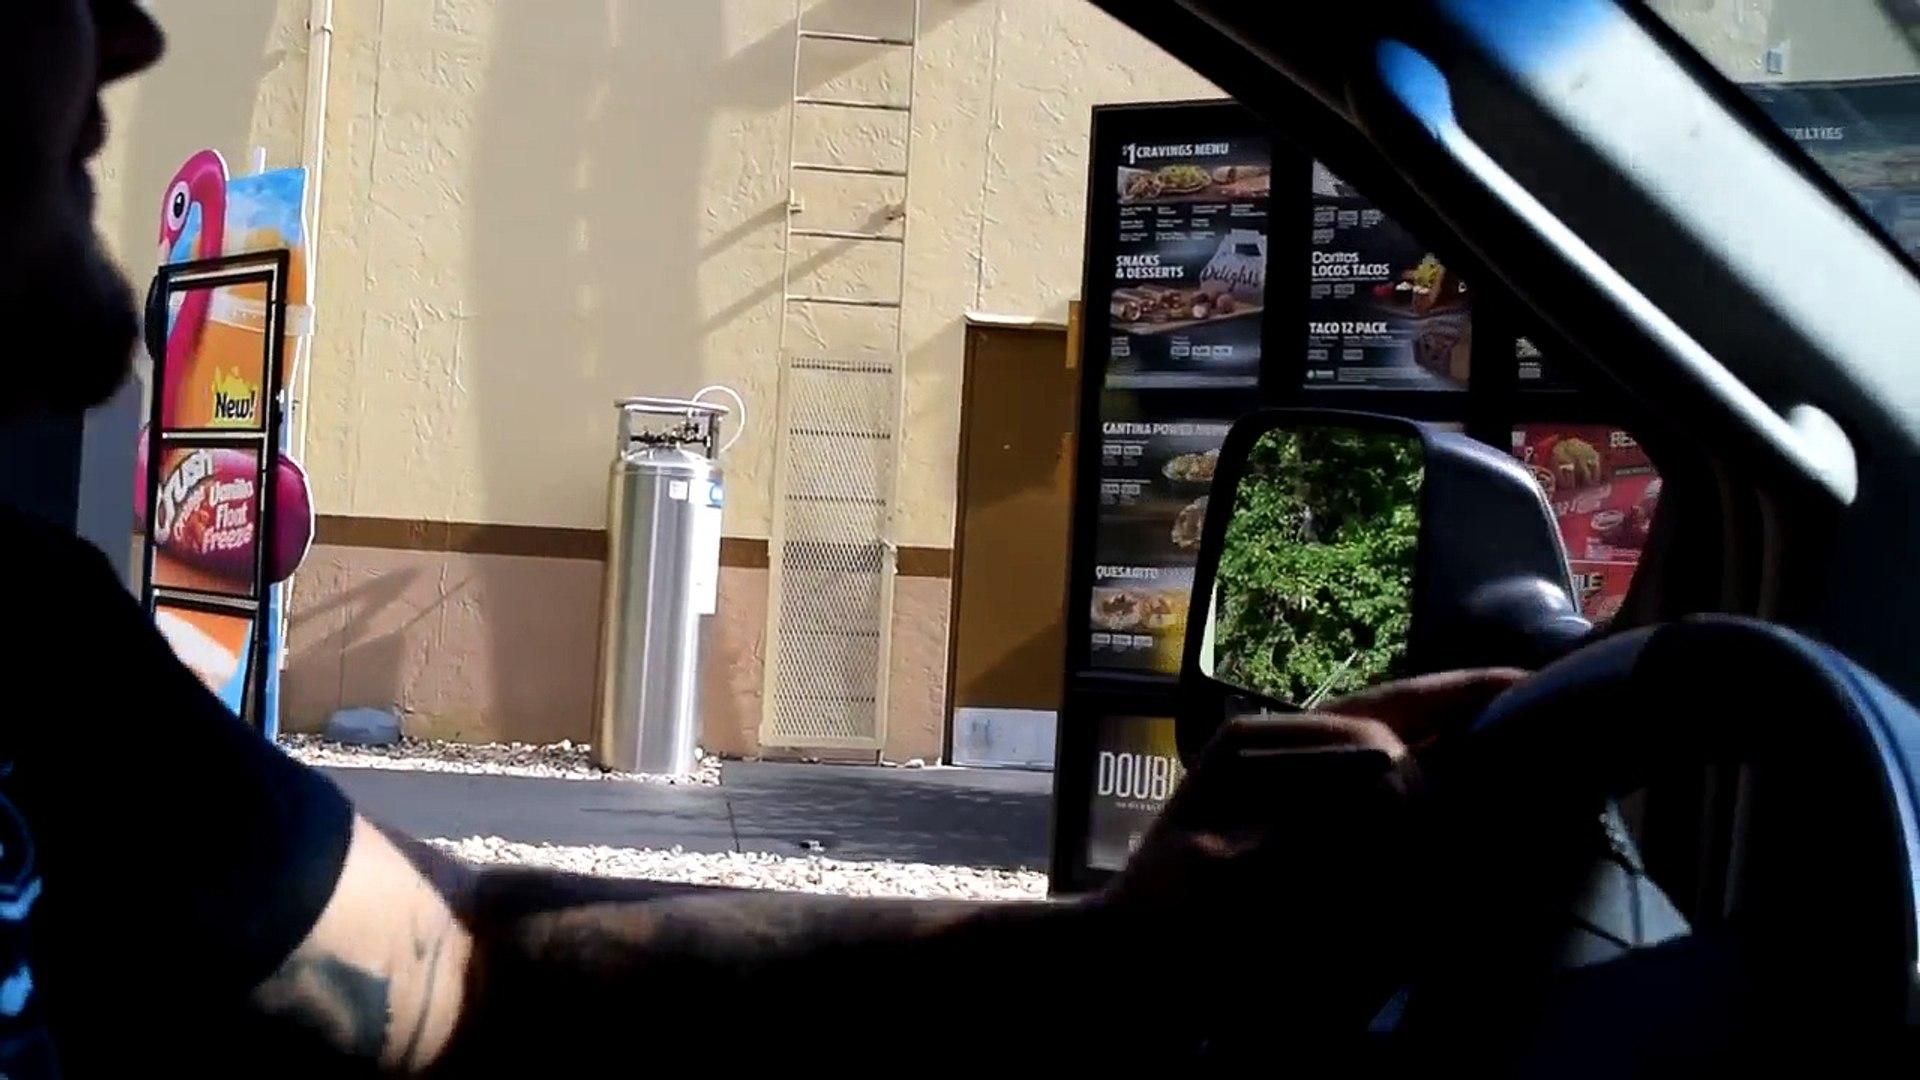 Blague du klaxon de train à un drive-in (Instant karma)